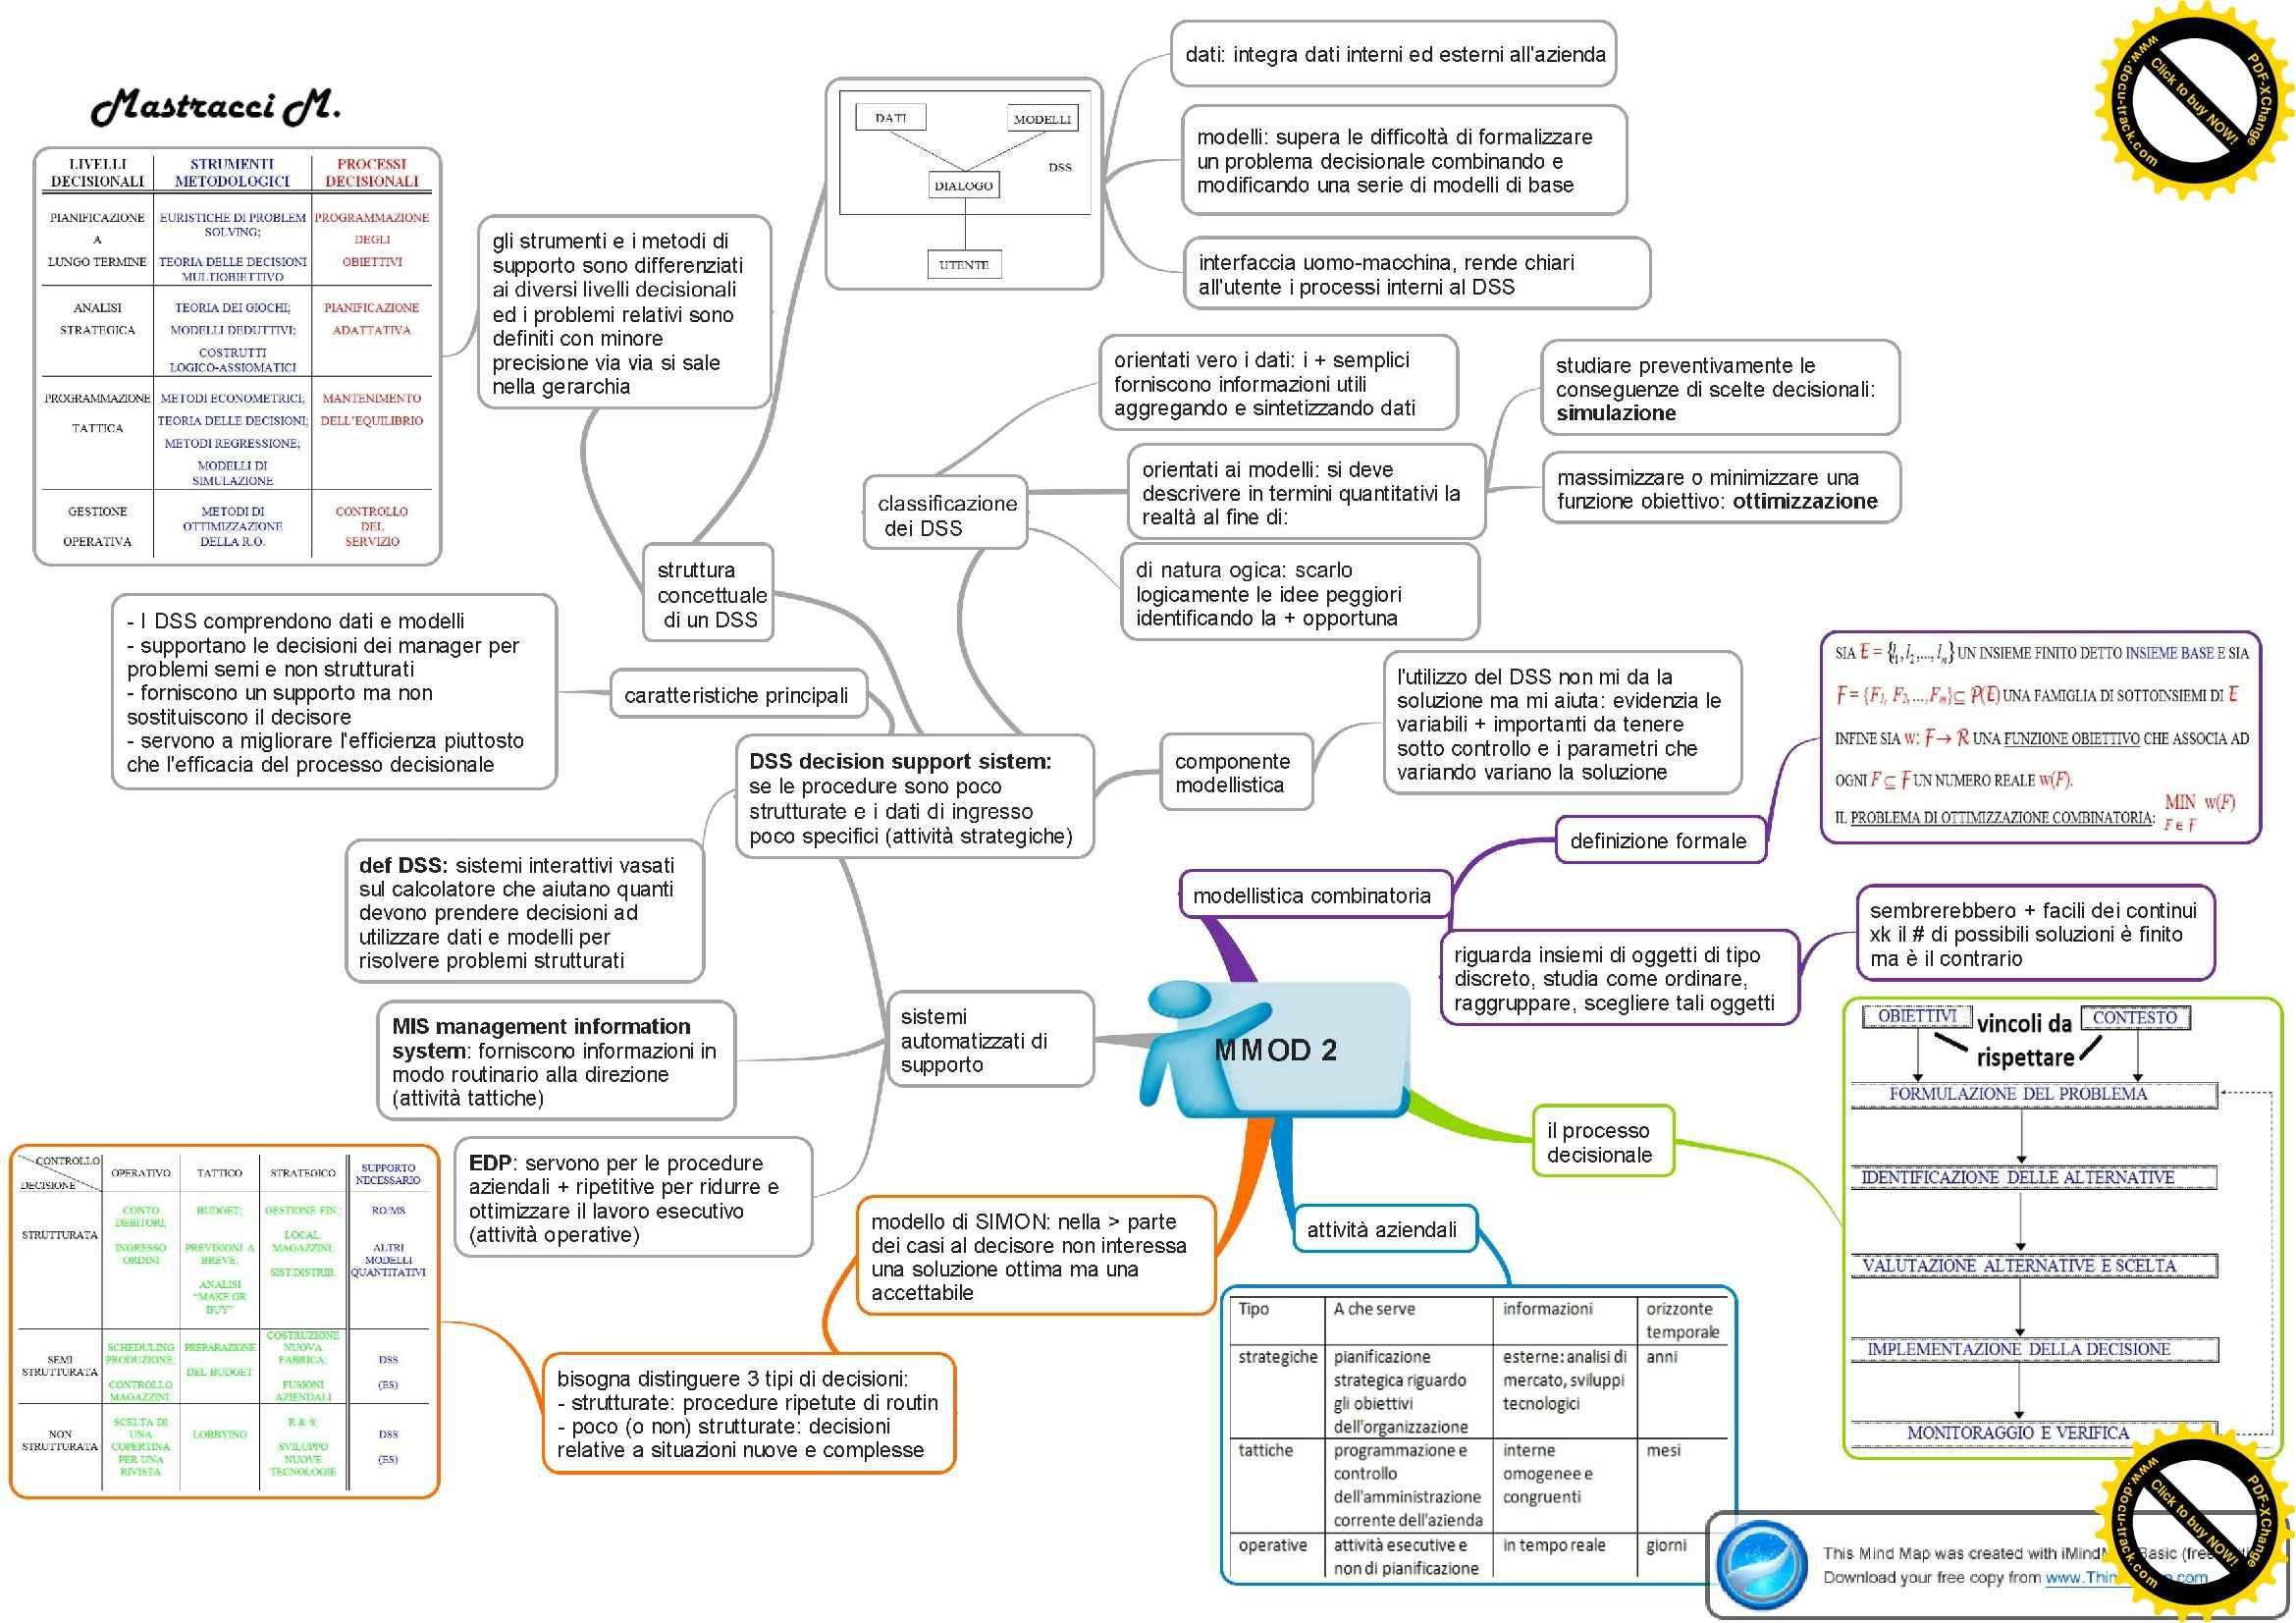 Metodi e Modelli di ottimizzazione discreta  - MMOD 2